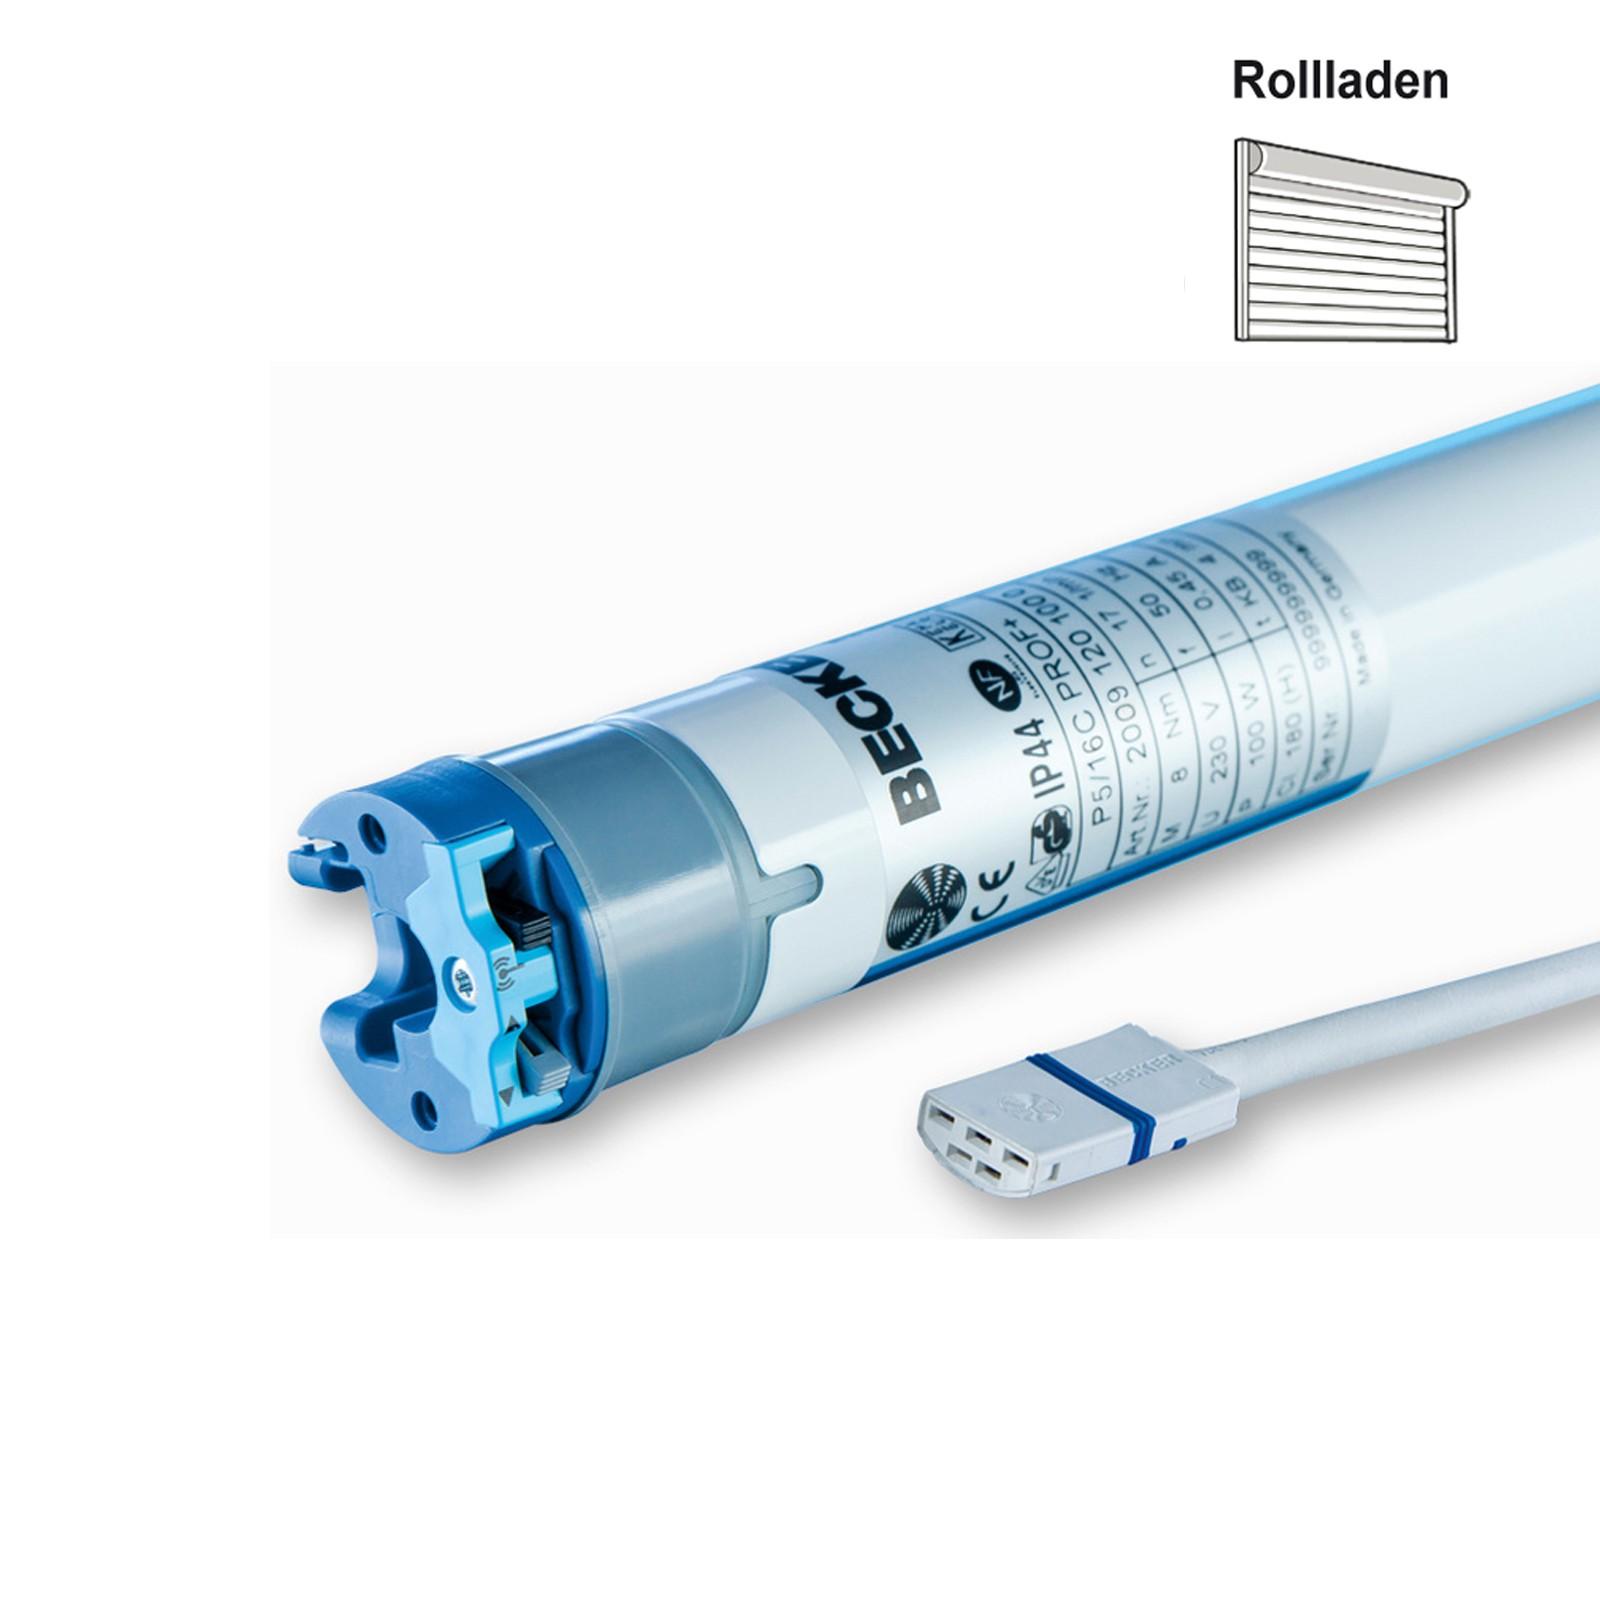 Becker P-C01 Rollladenantrieb FUNK